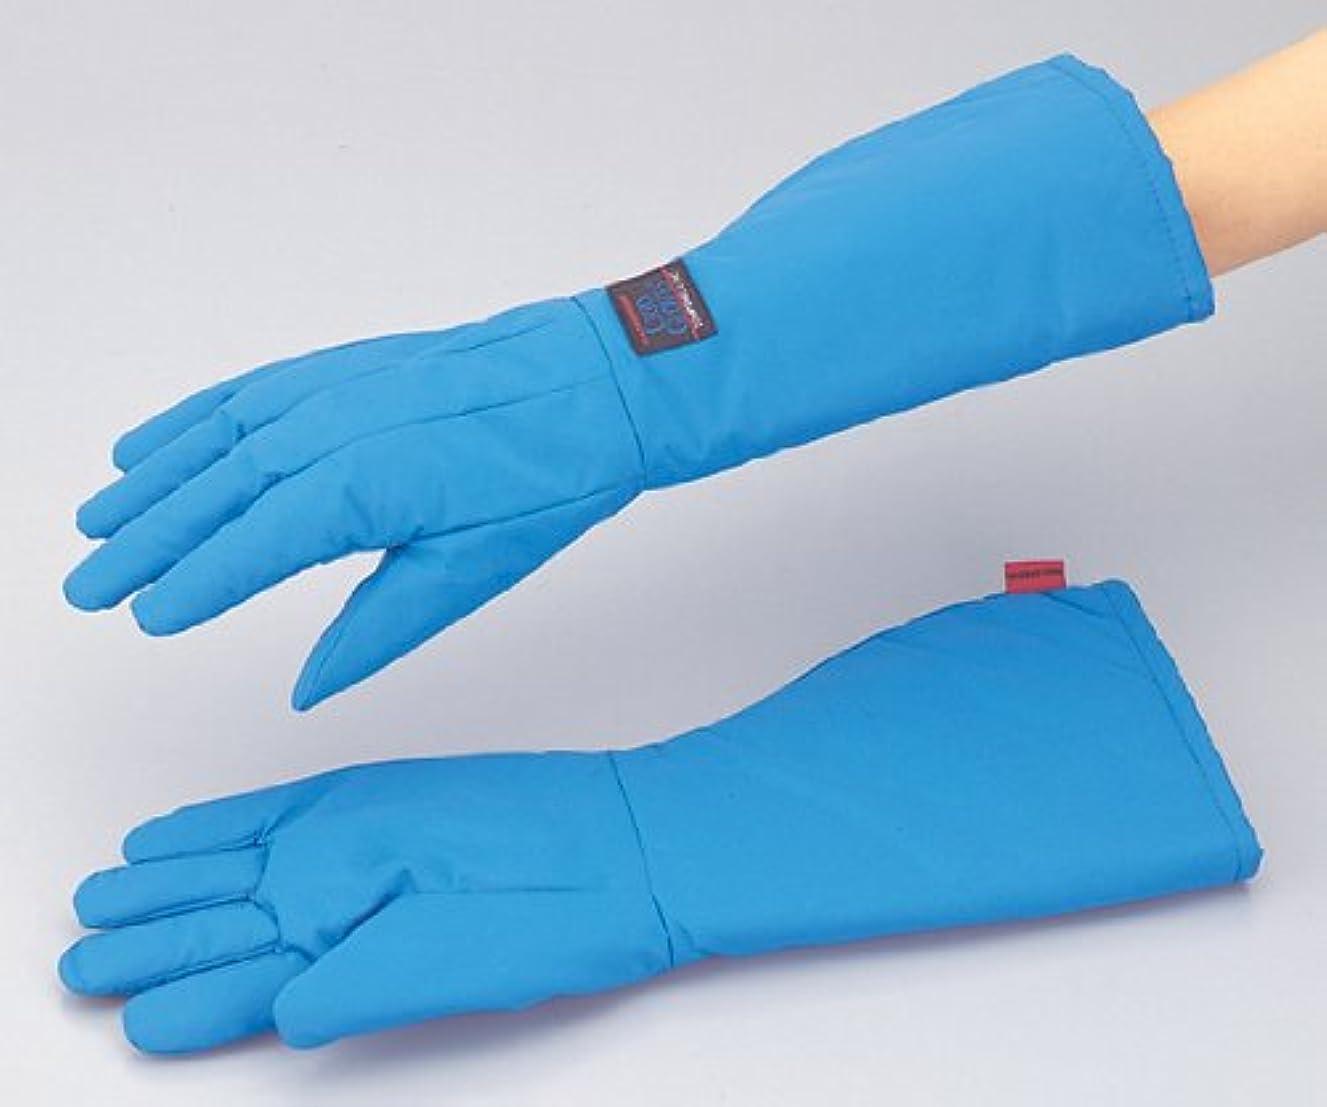 達成遠い提供アイシス1-7970-01耐寒用手袋TS-EBSWPS